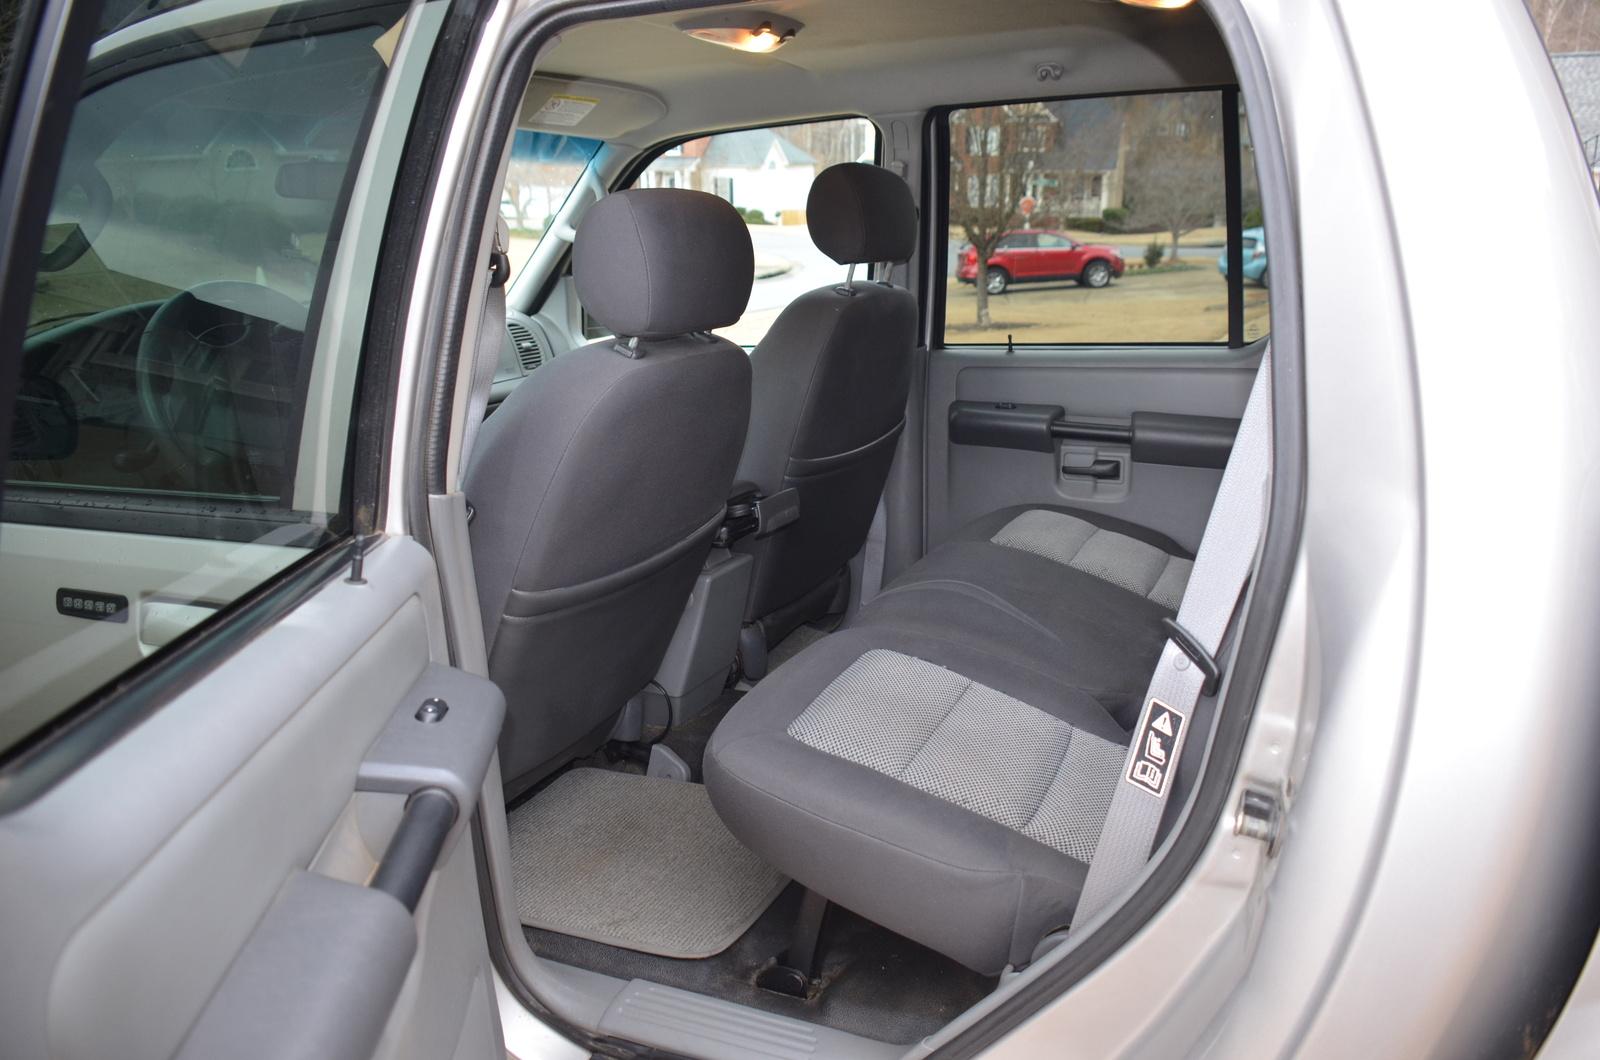 2003 Ford Explorer Sport Trac Interior Pictures Cargurus